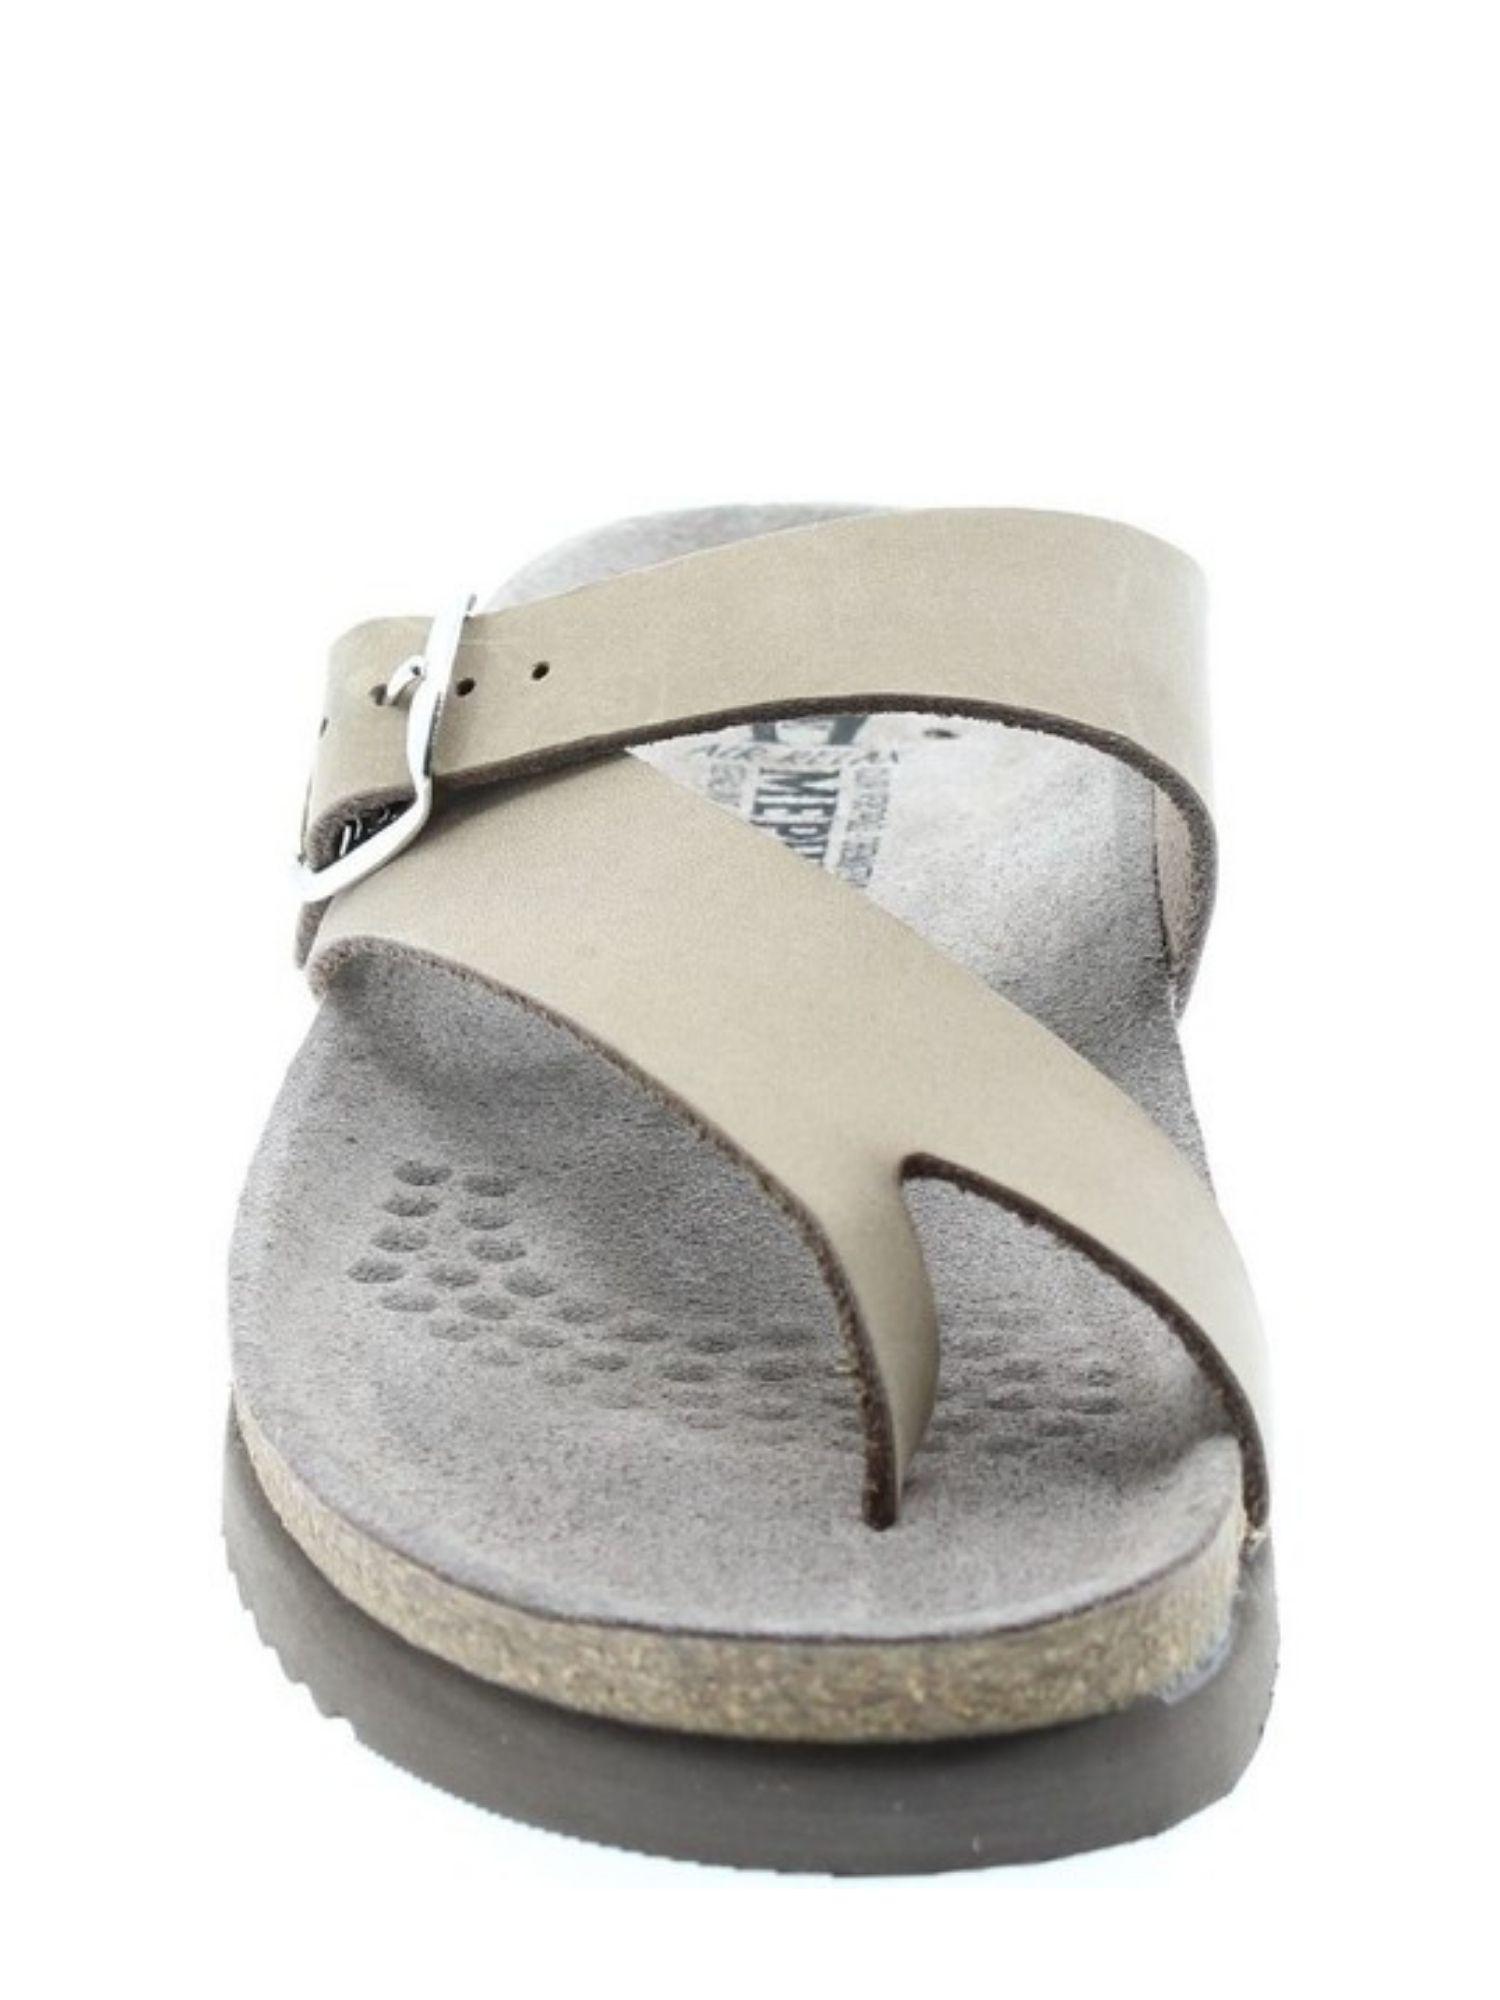 Sandalo Mephisto Helen Light taupe 3 1